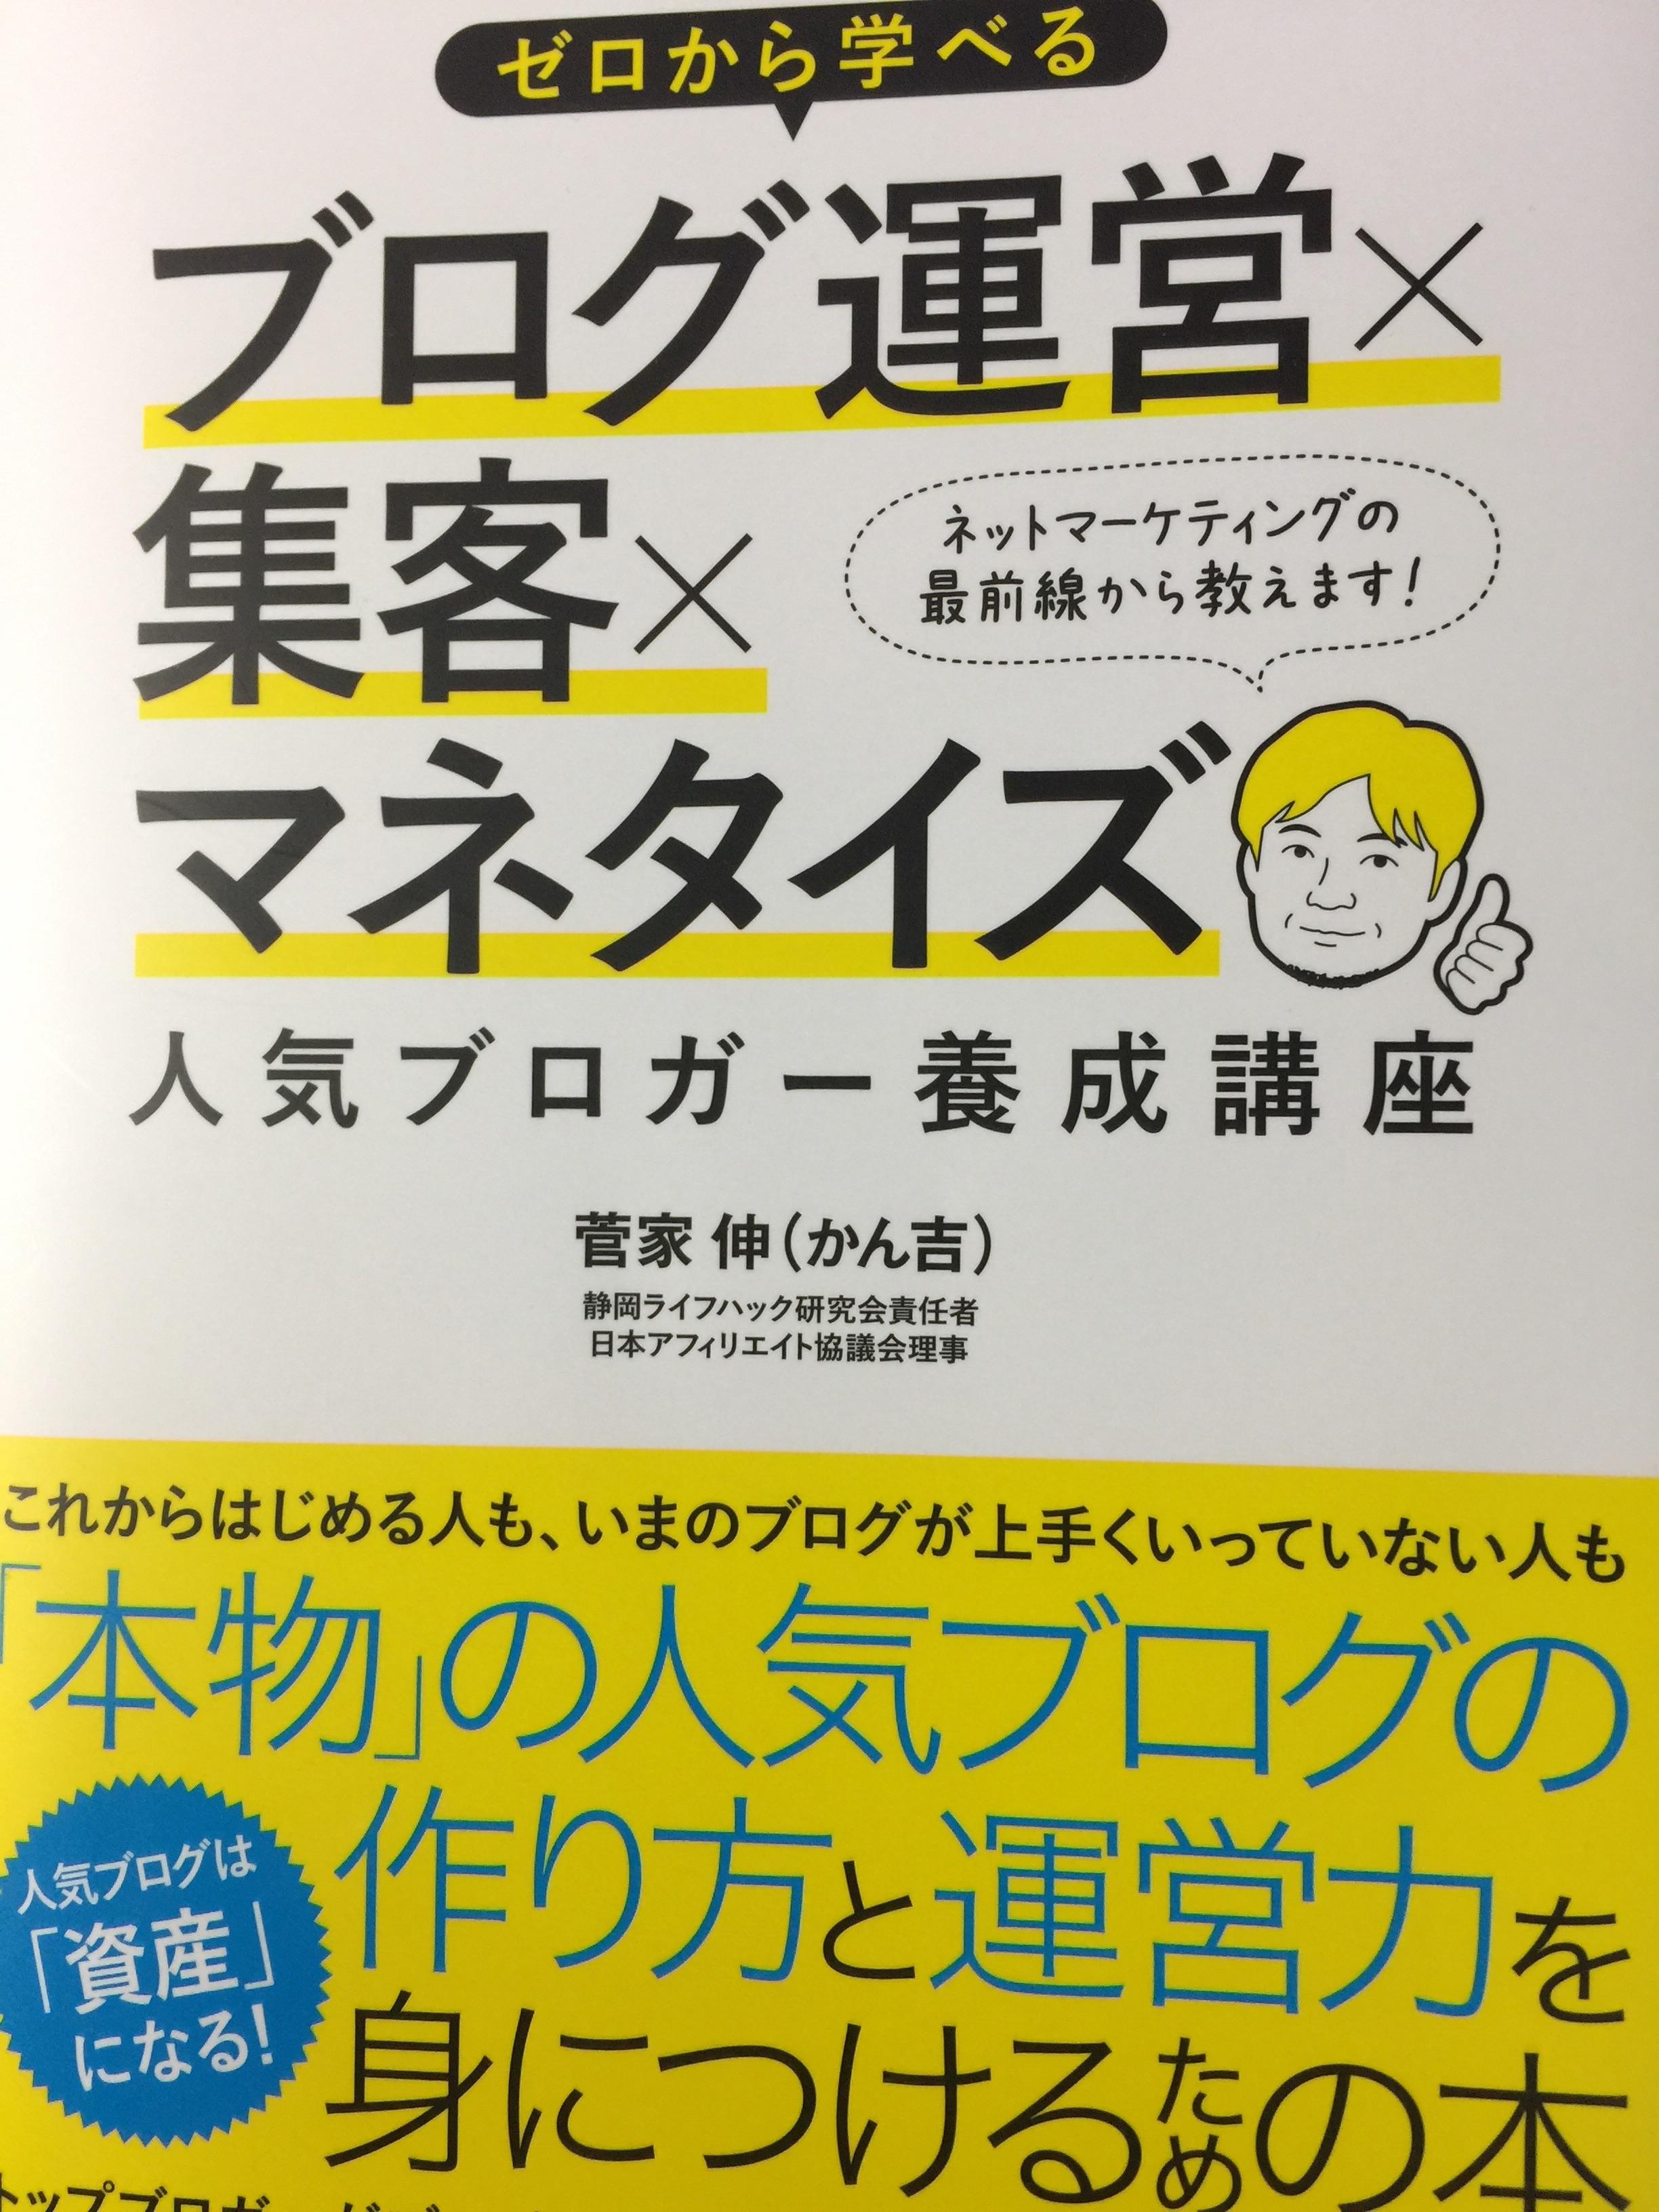 『ゼロから学べるブログ運営×集客×マネタイズ 人気ブロガー養成講座』 感想 かん吉